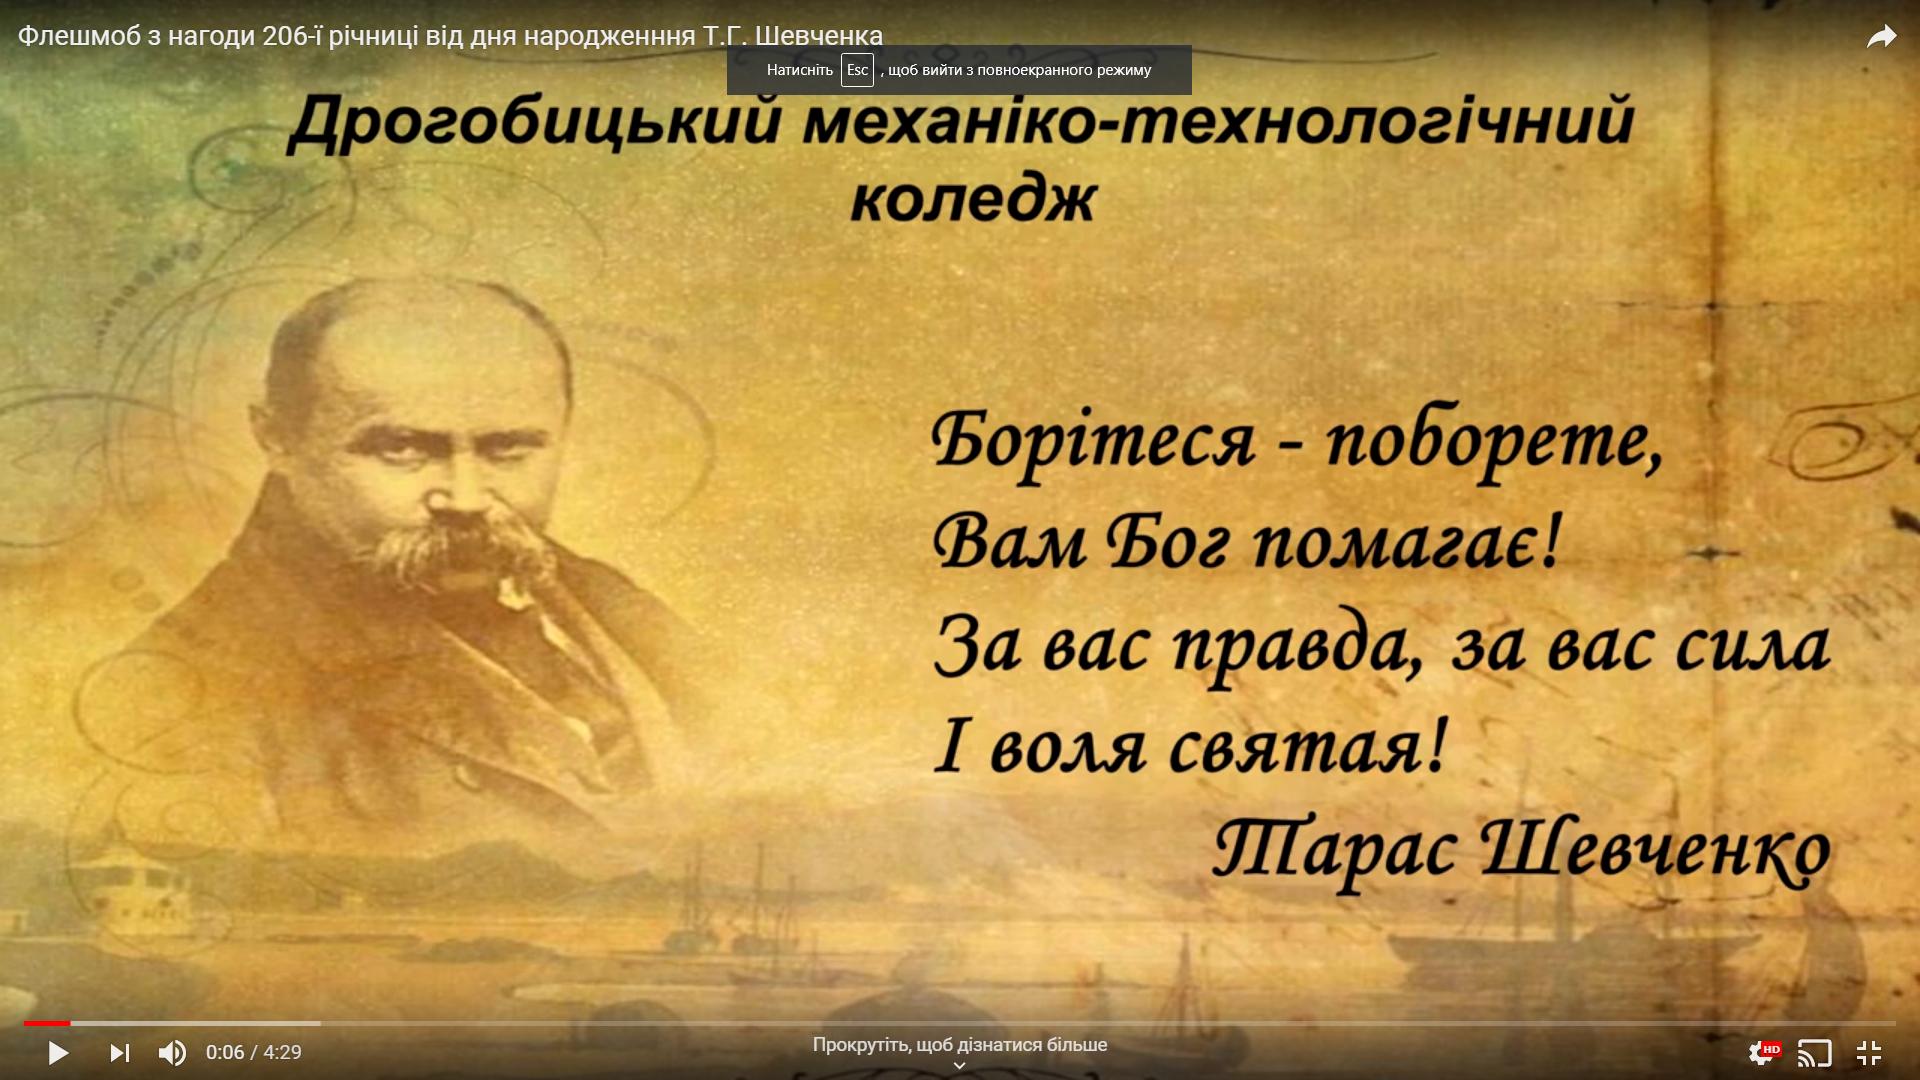 Флешмоб з нагоди 206-ї річниці від дня народженння Т.Г. Шевченка